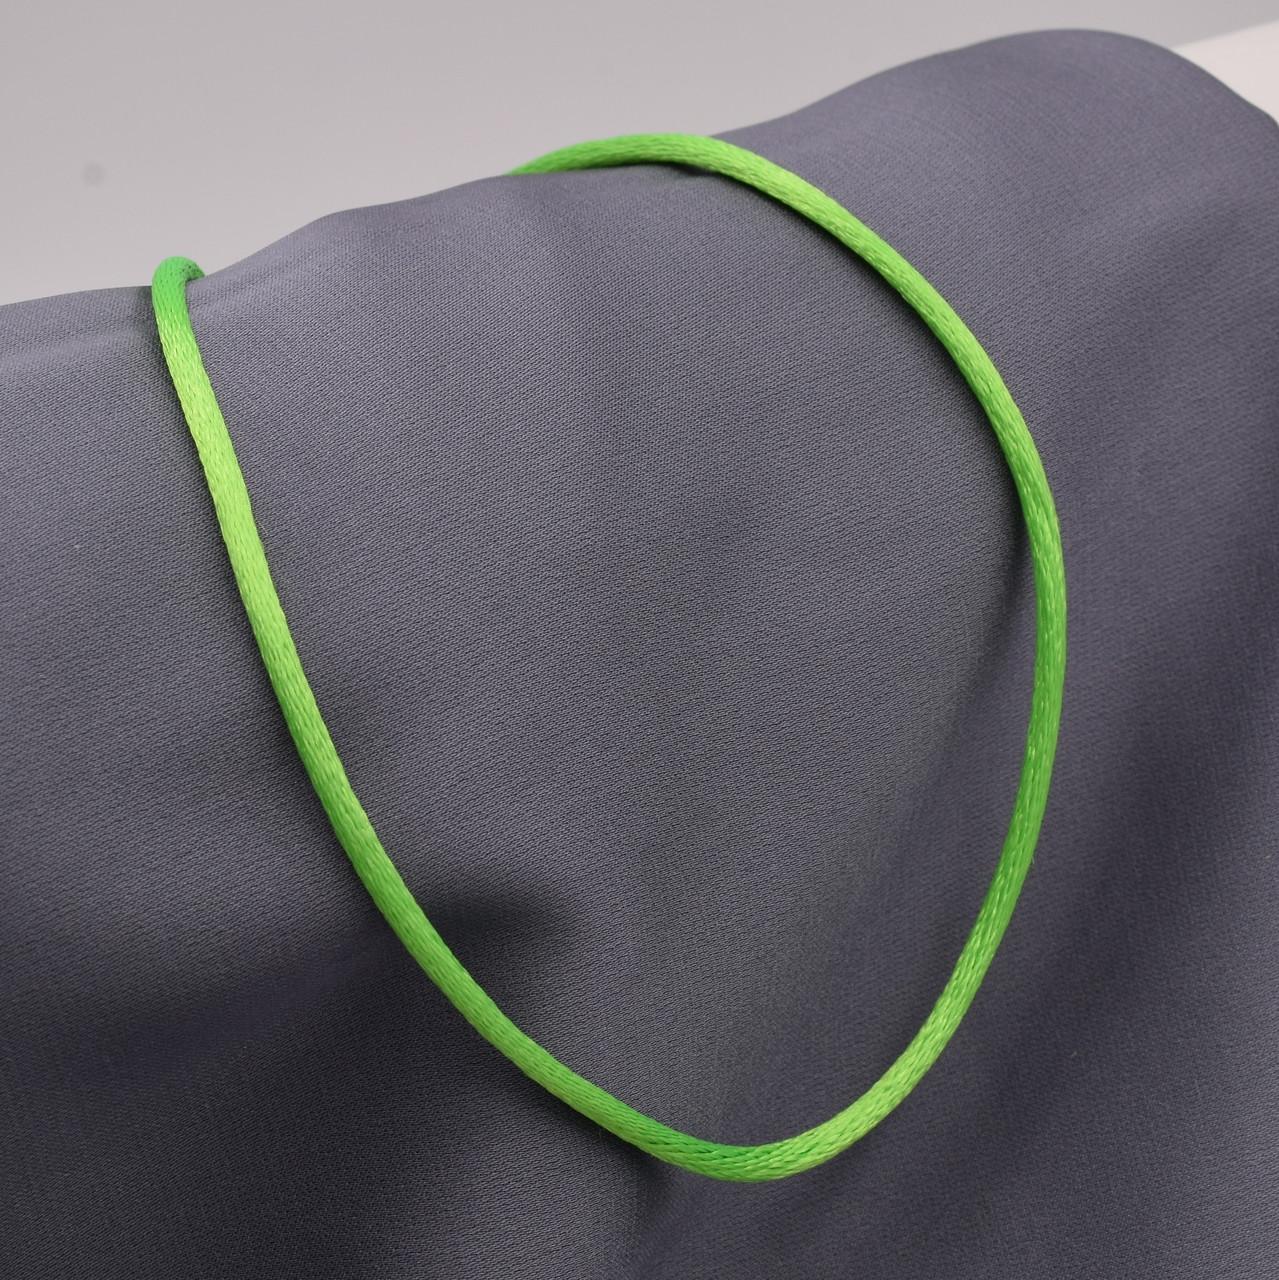 Шнурок шелковый цвет салатовый длина 40 см ширина 2 мм вес серебра 0.7 г